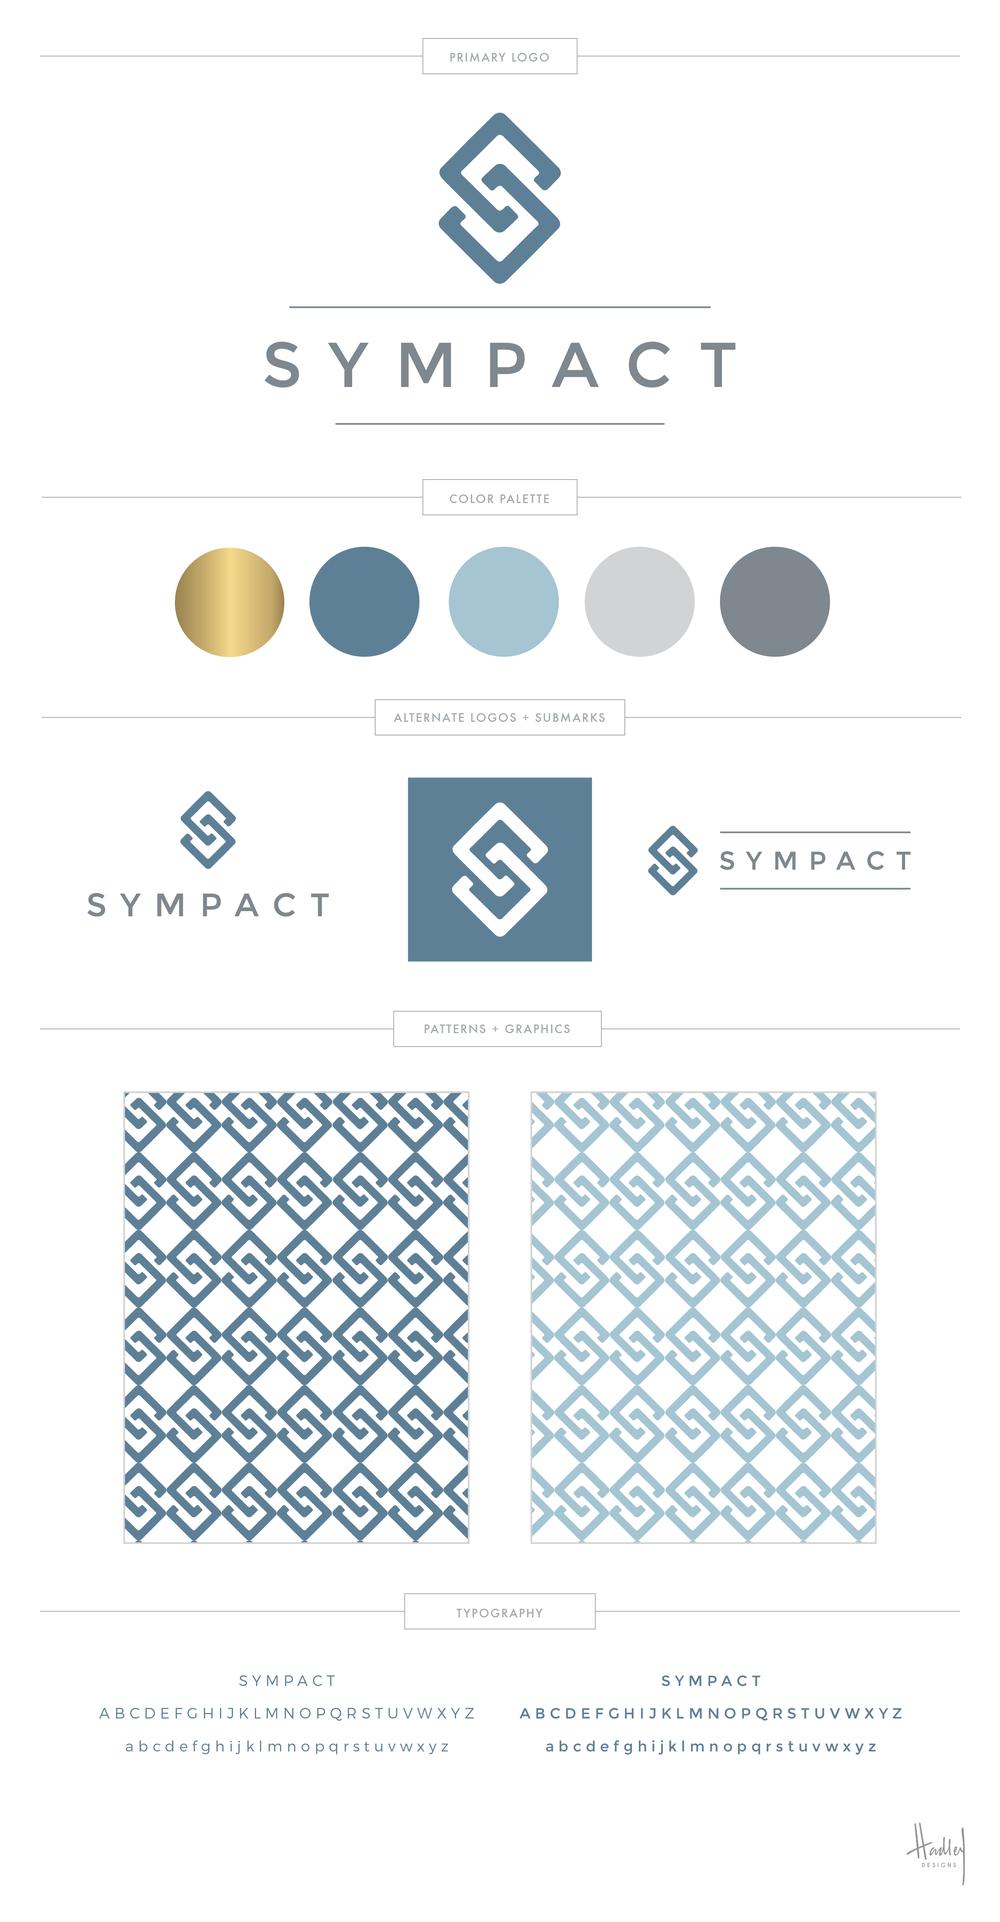 SYMPACT_Branding_Generic.png